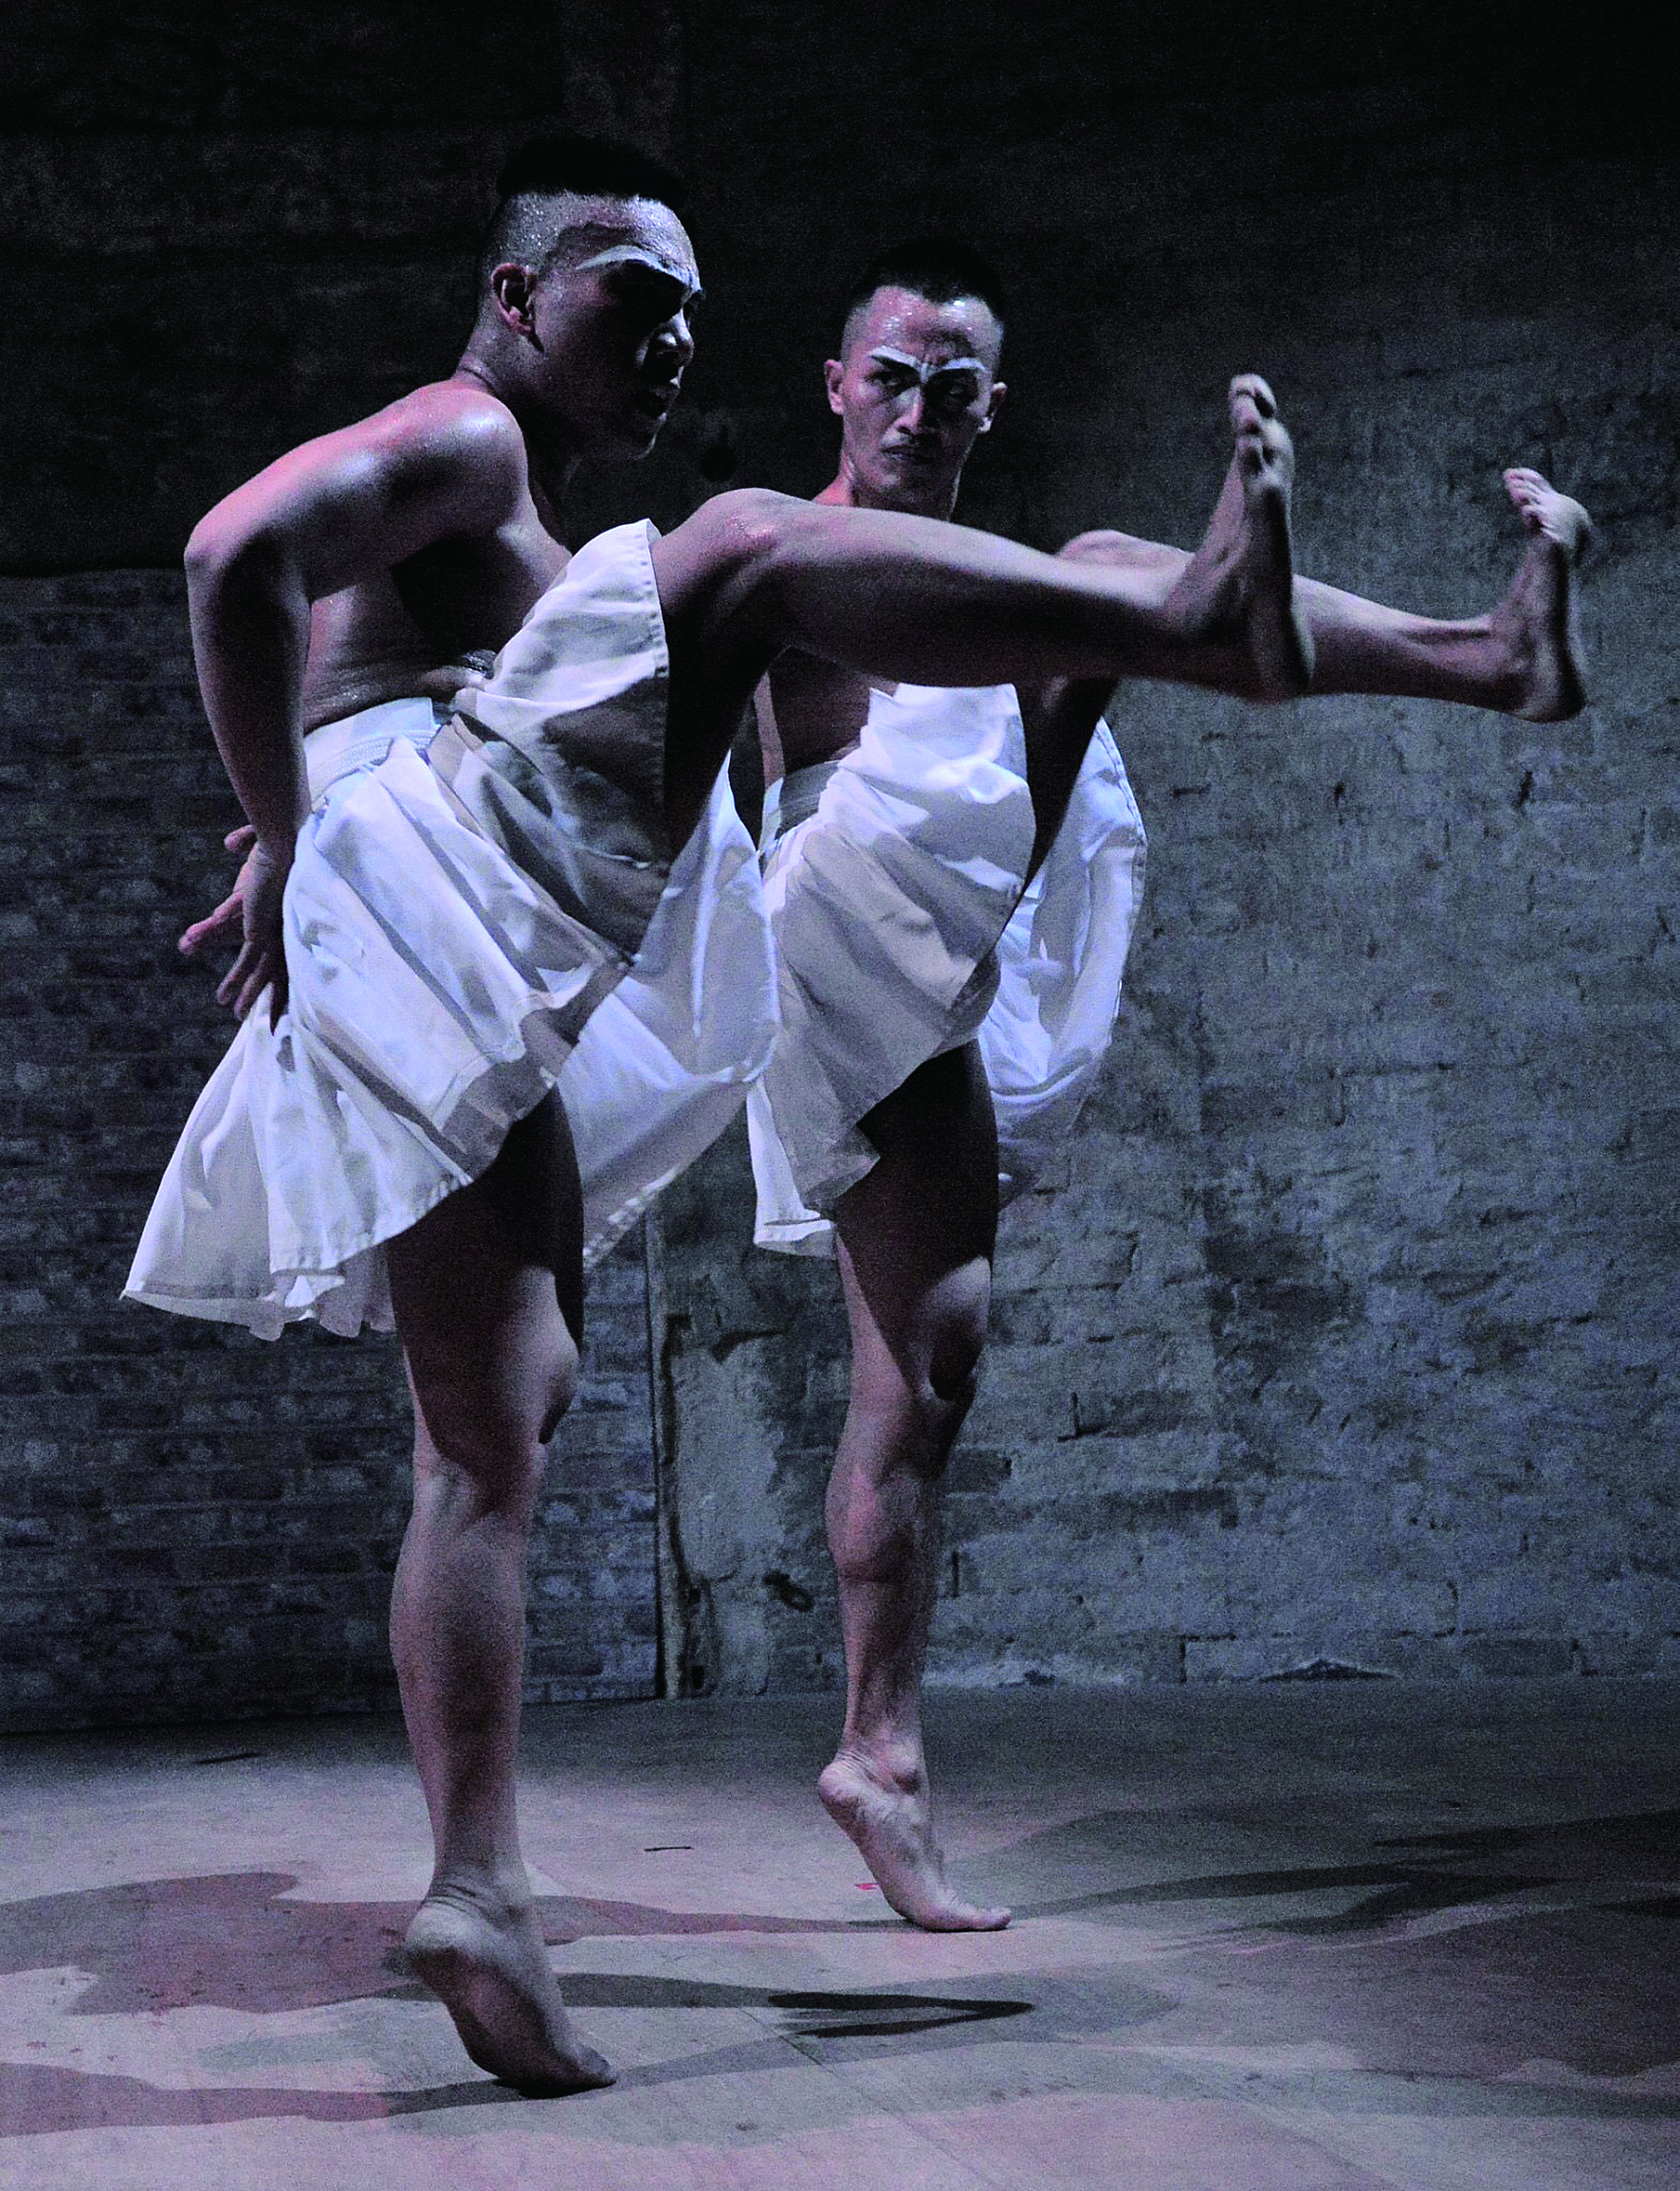 賽萬提斯國際藝術節總監表示:「很奇怪你們的舞者腿沒有很長,卻很像能在天上飛的感覺。」.jpg